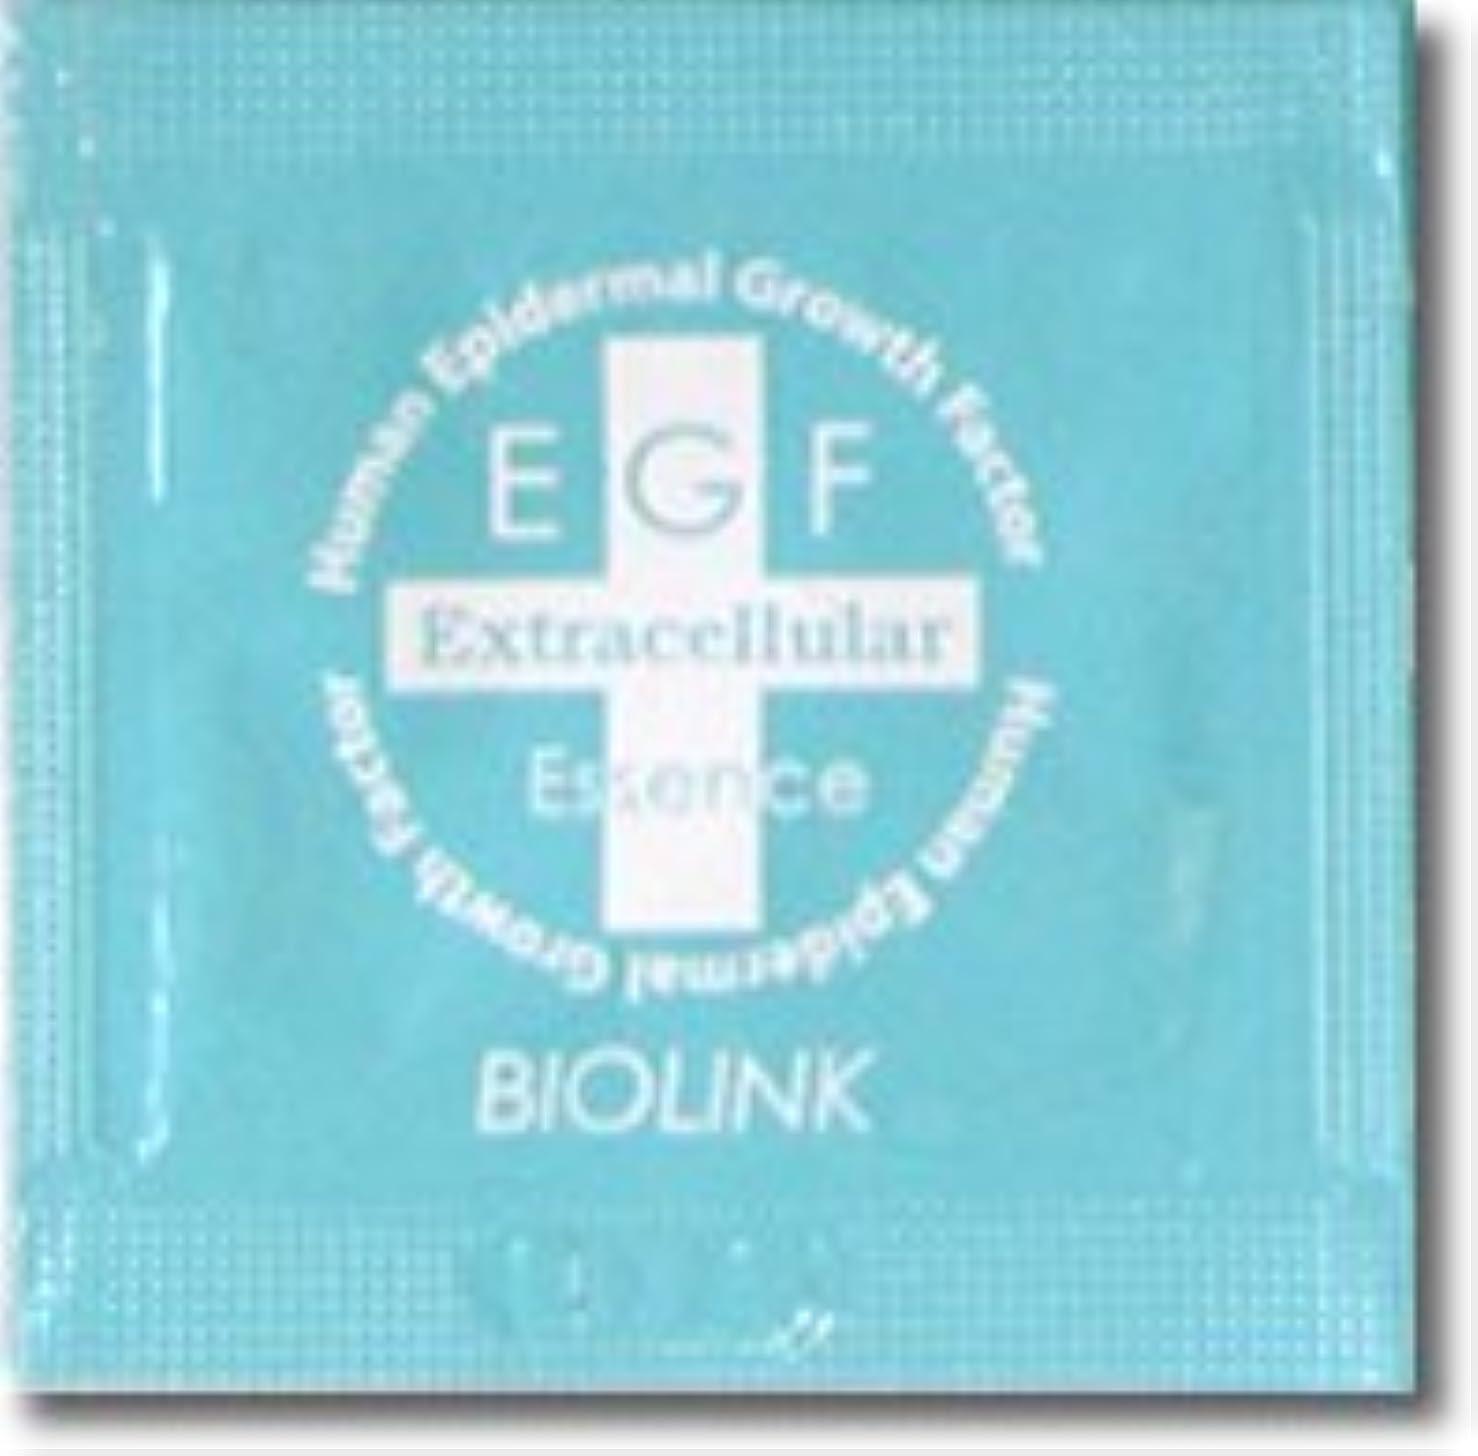 里親補充失礼なバイオリンク EGF エクストラエッセンス 分包 100個+10個おまけ付きセット